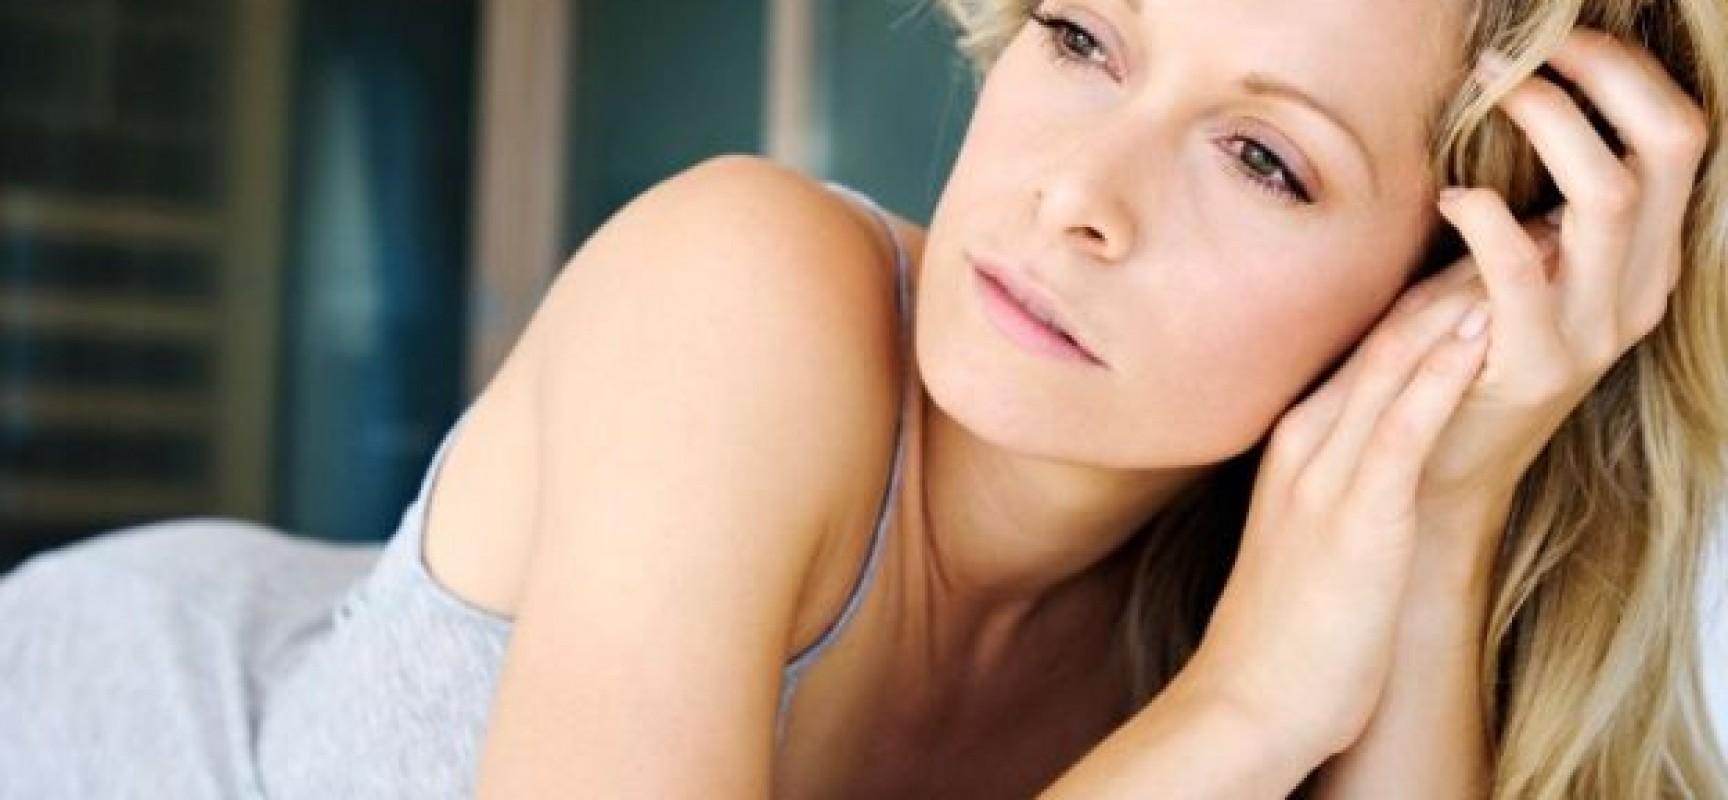 Quali sono i sintomi della menopausa precoce?